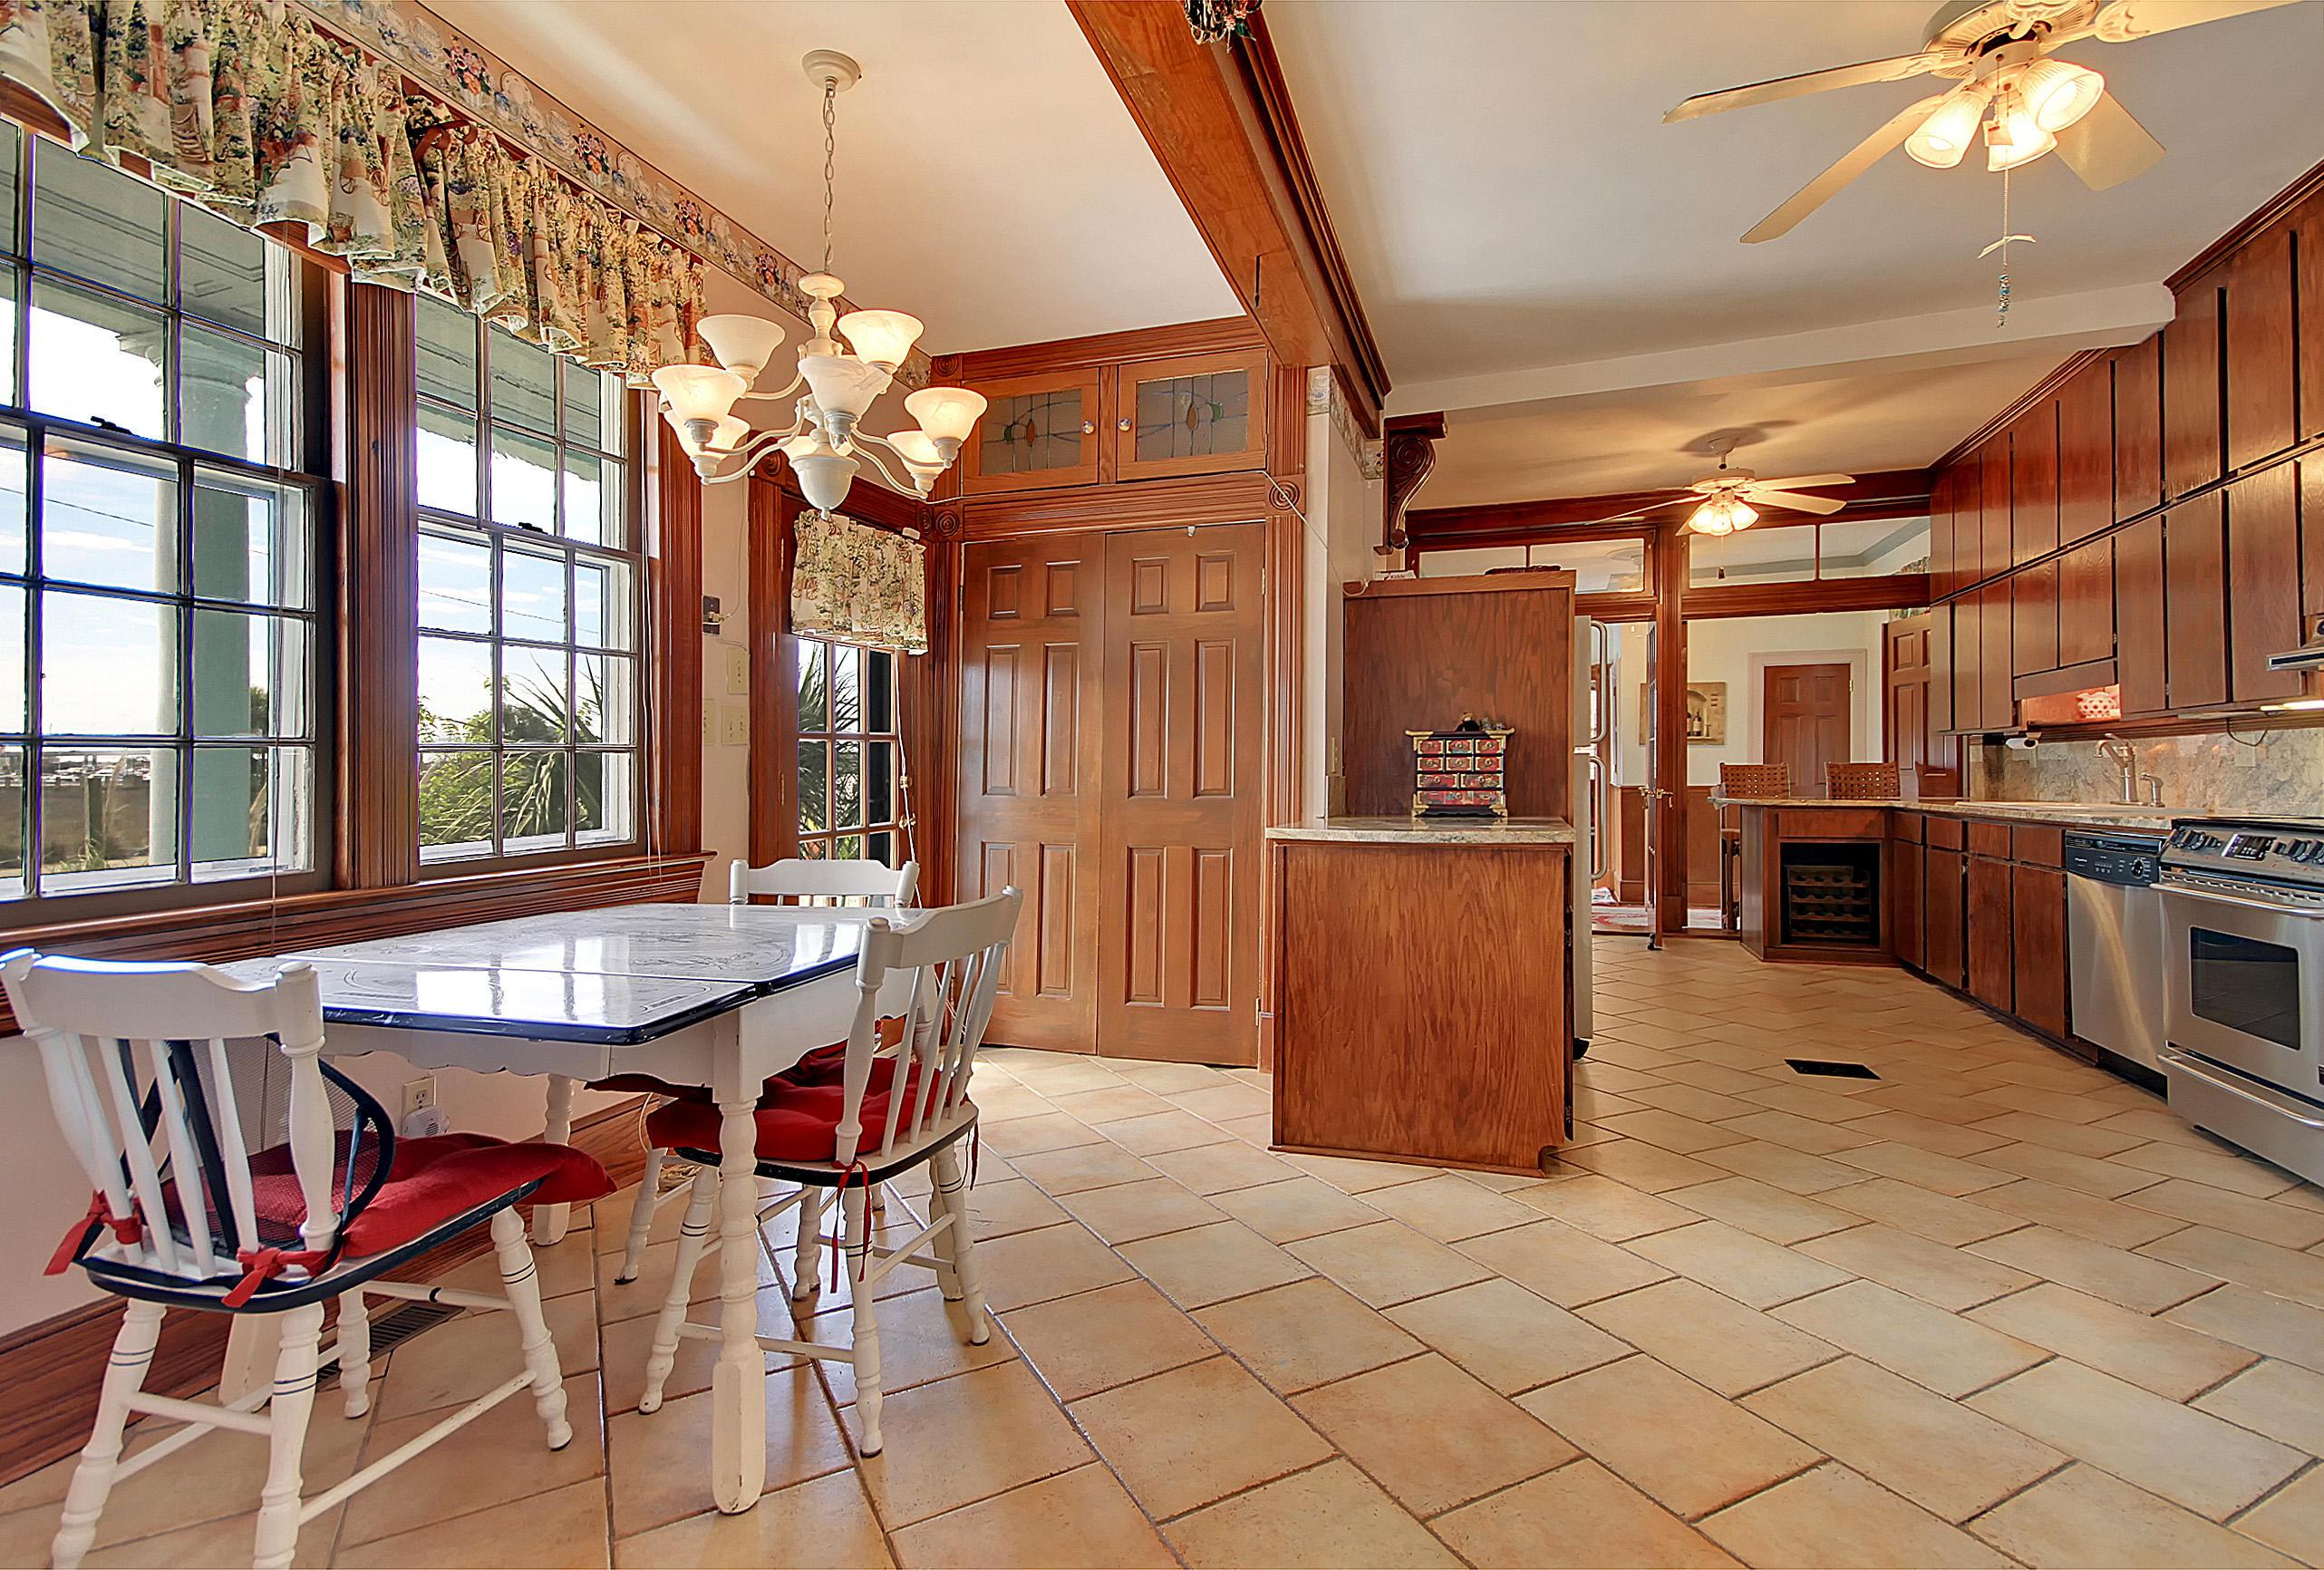 Harleston Village Homes For Sale - 218 Wentworth, Charleston, SC - 1